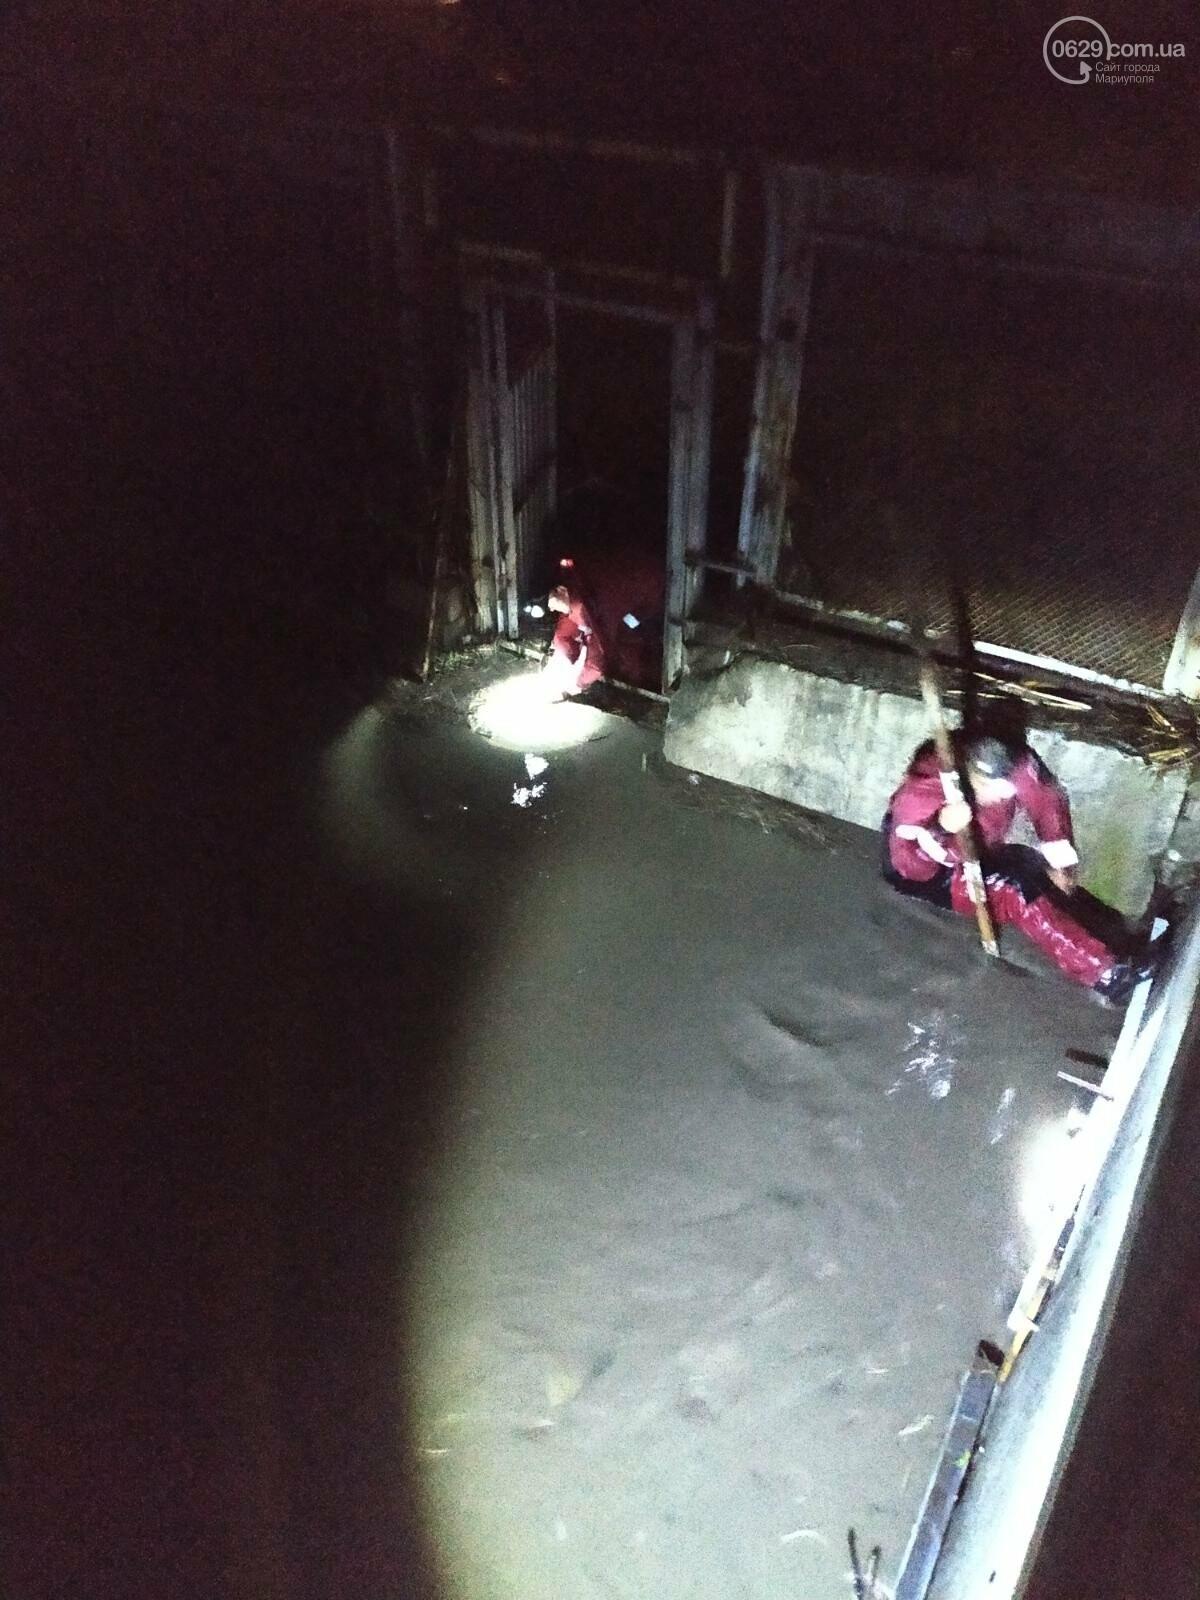 Вода сошла! Как утром после ливня выглядят очаги подтопления в Мариуполе, - ФОТО, фото-7